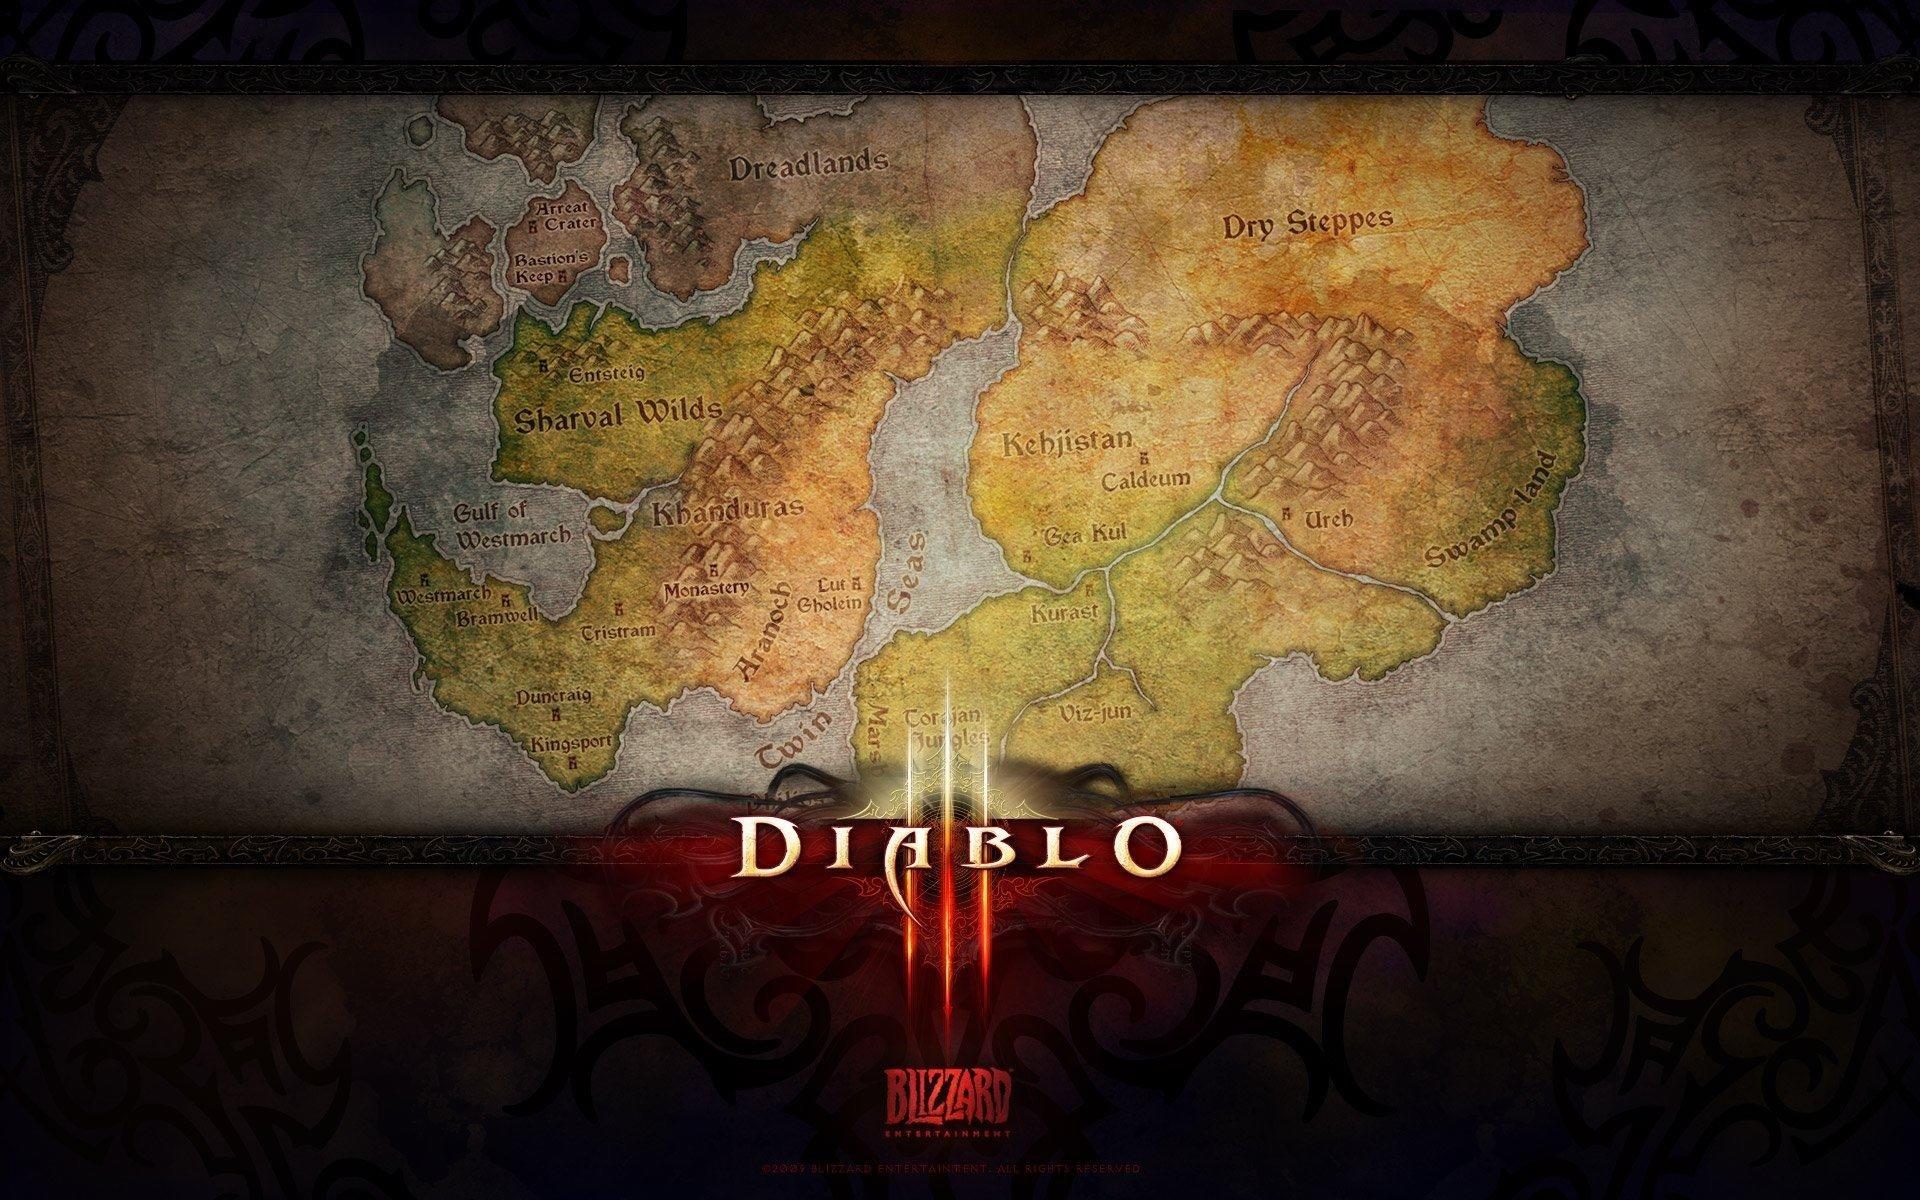 Video Game - Diablo III  Wallpaper